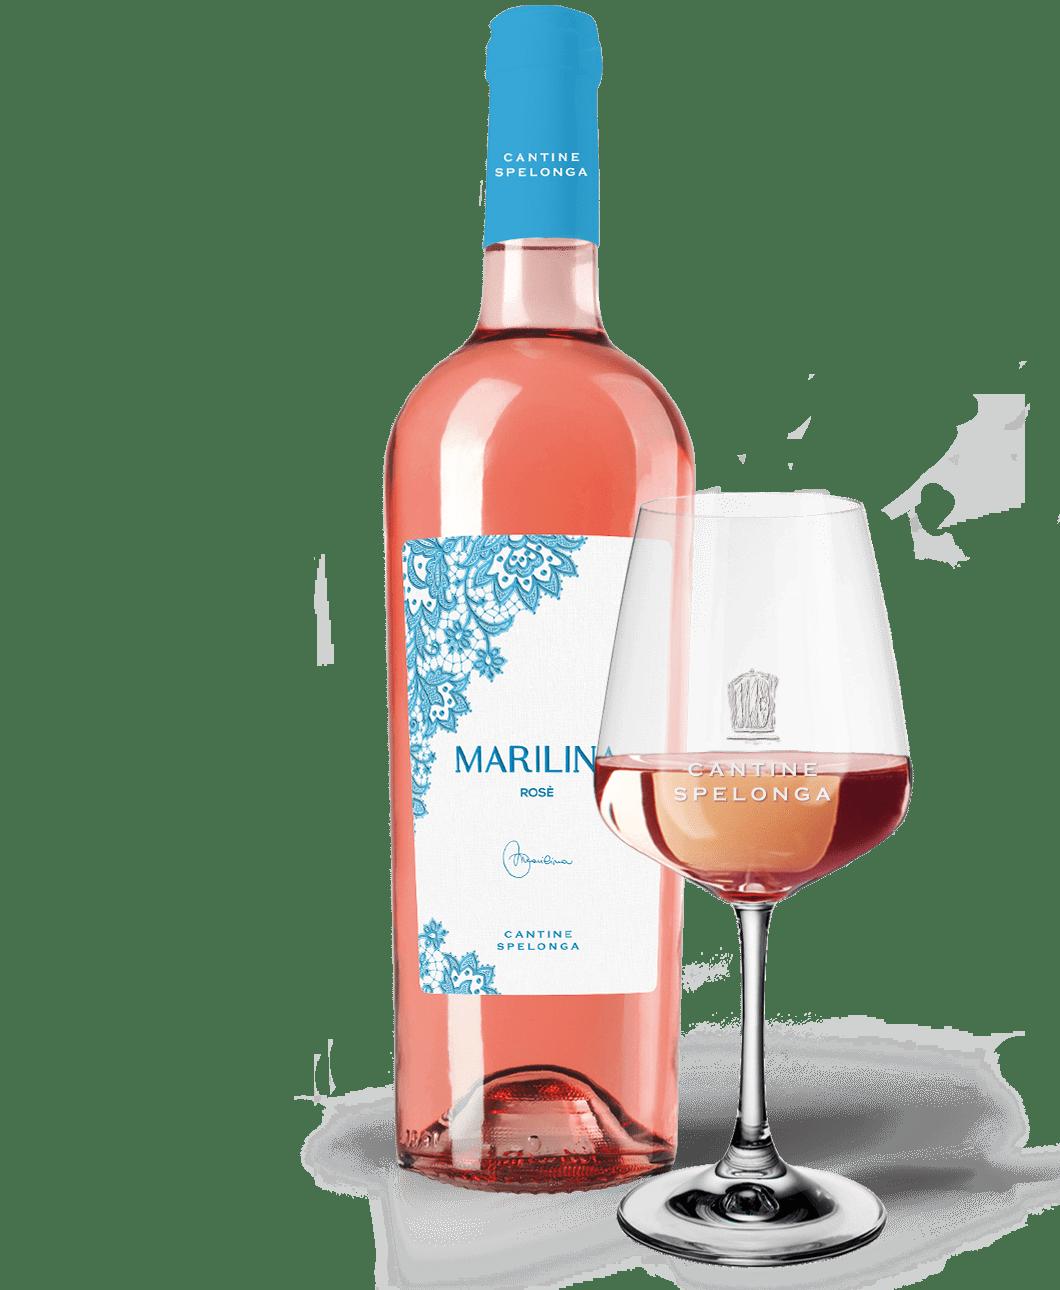 Bottiglia e calice di vino Marilina Rosè di Cantine Spelonga